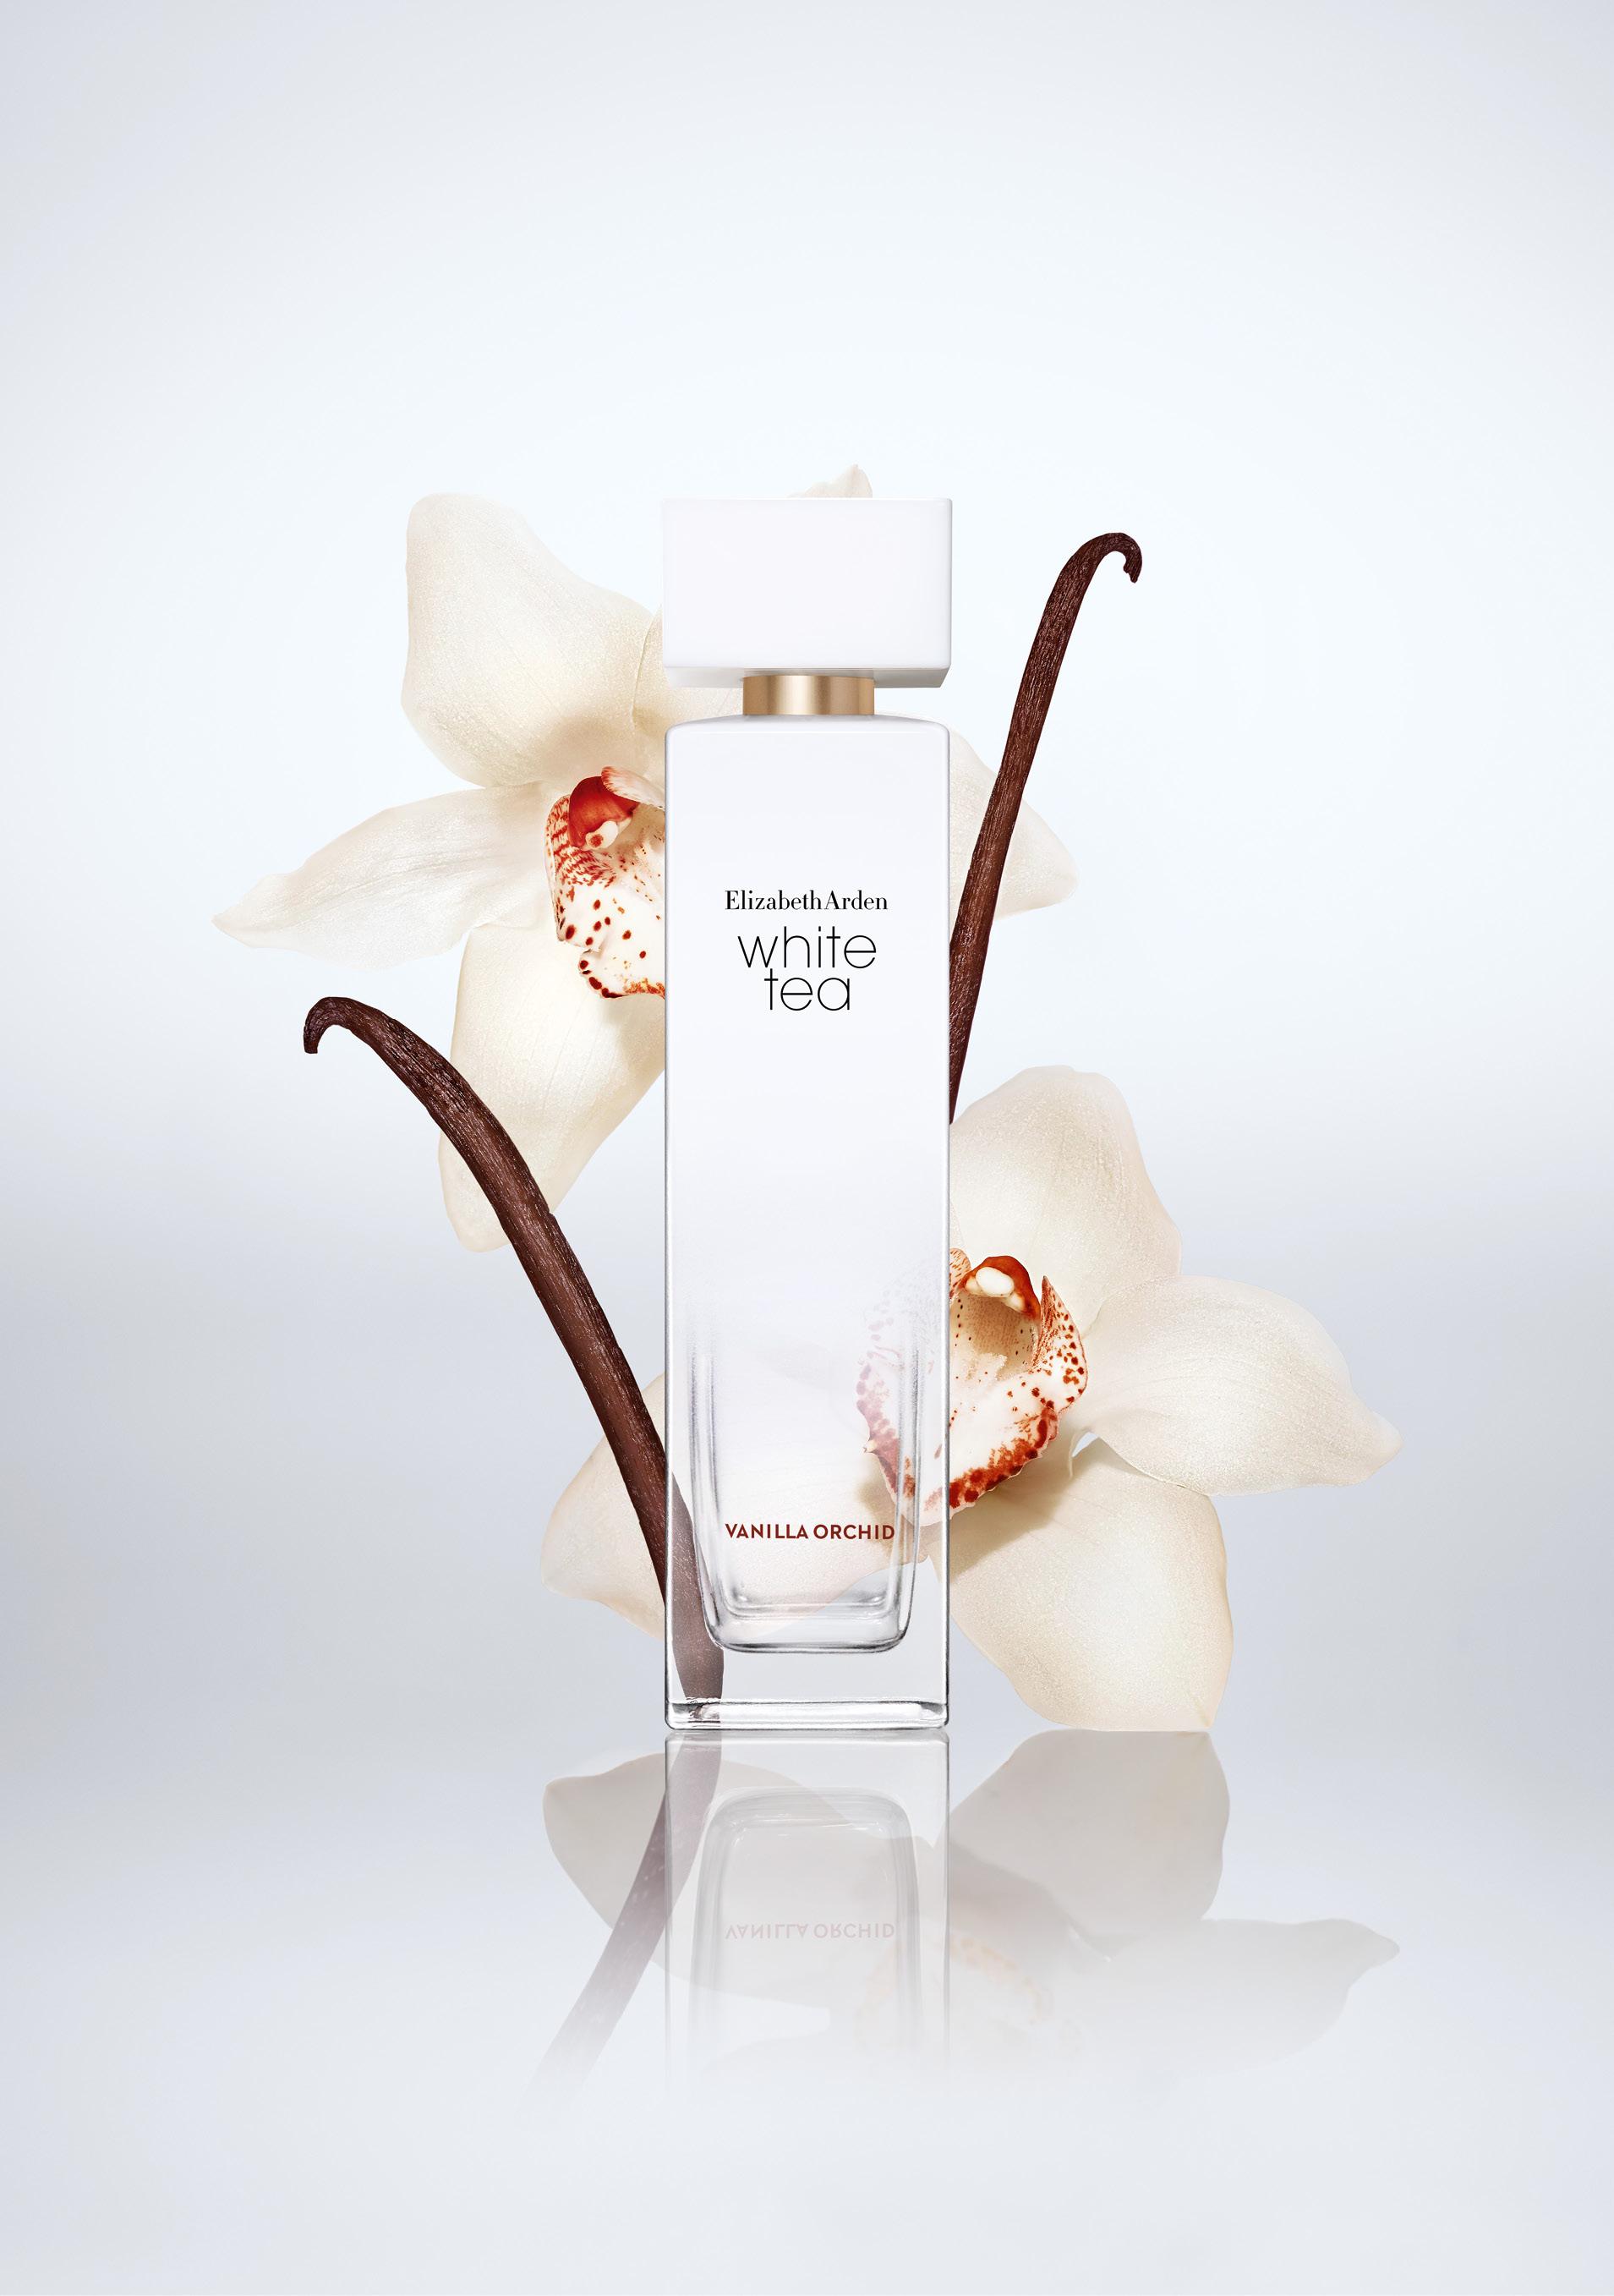 Elizabeth Arden, White Tea, parfumer, Reese Witherspoon, konkurrence Arden, White Tea, parfumer, konkurrence